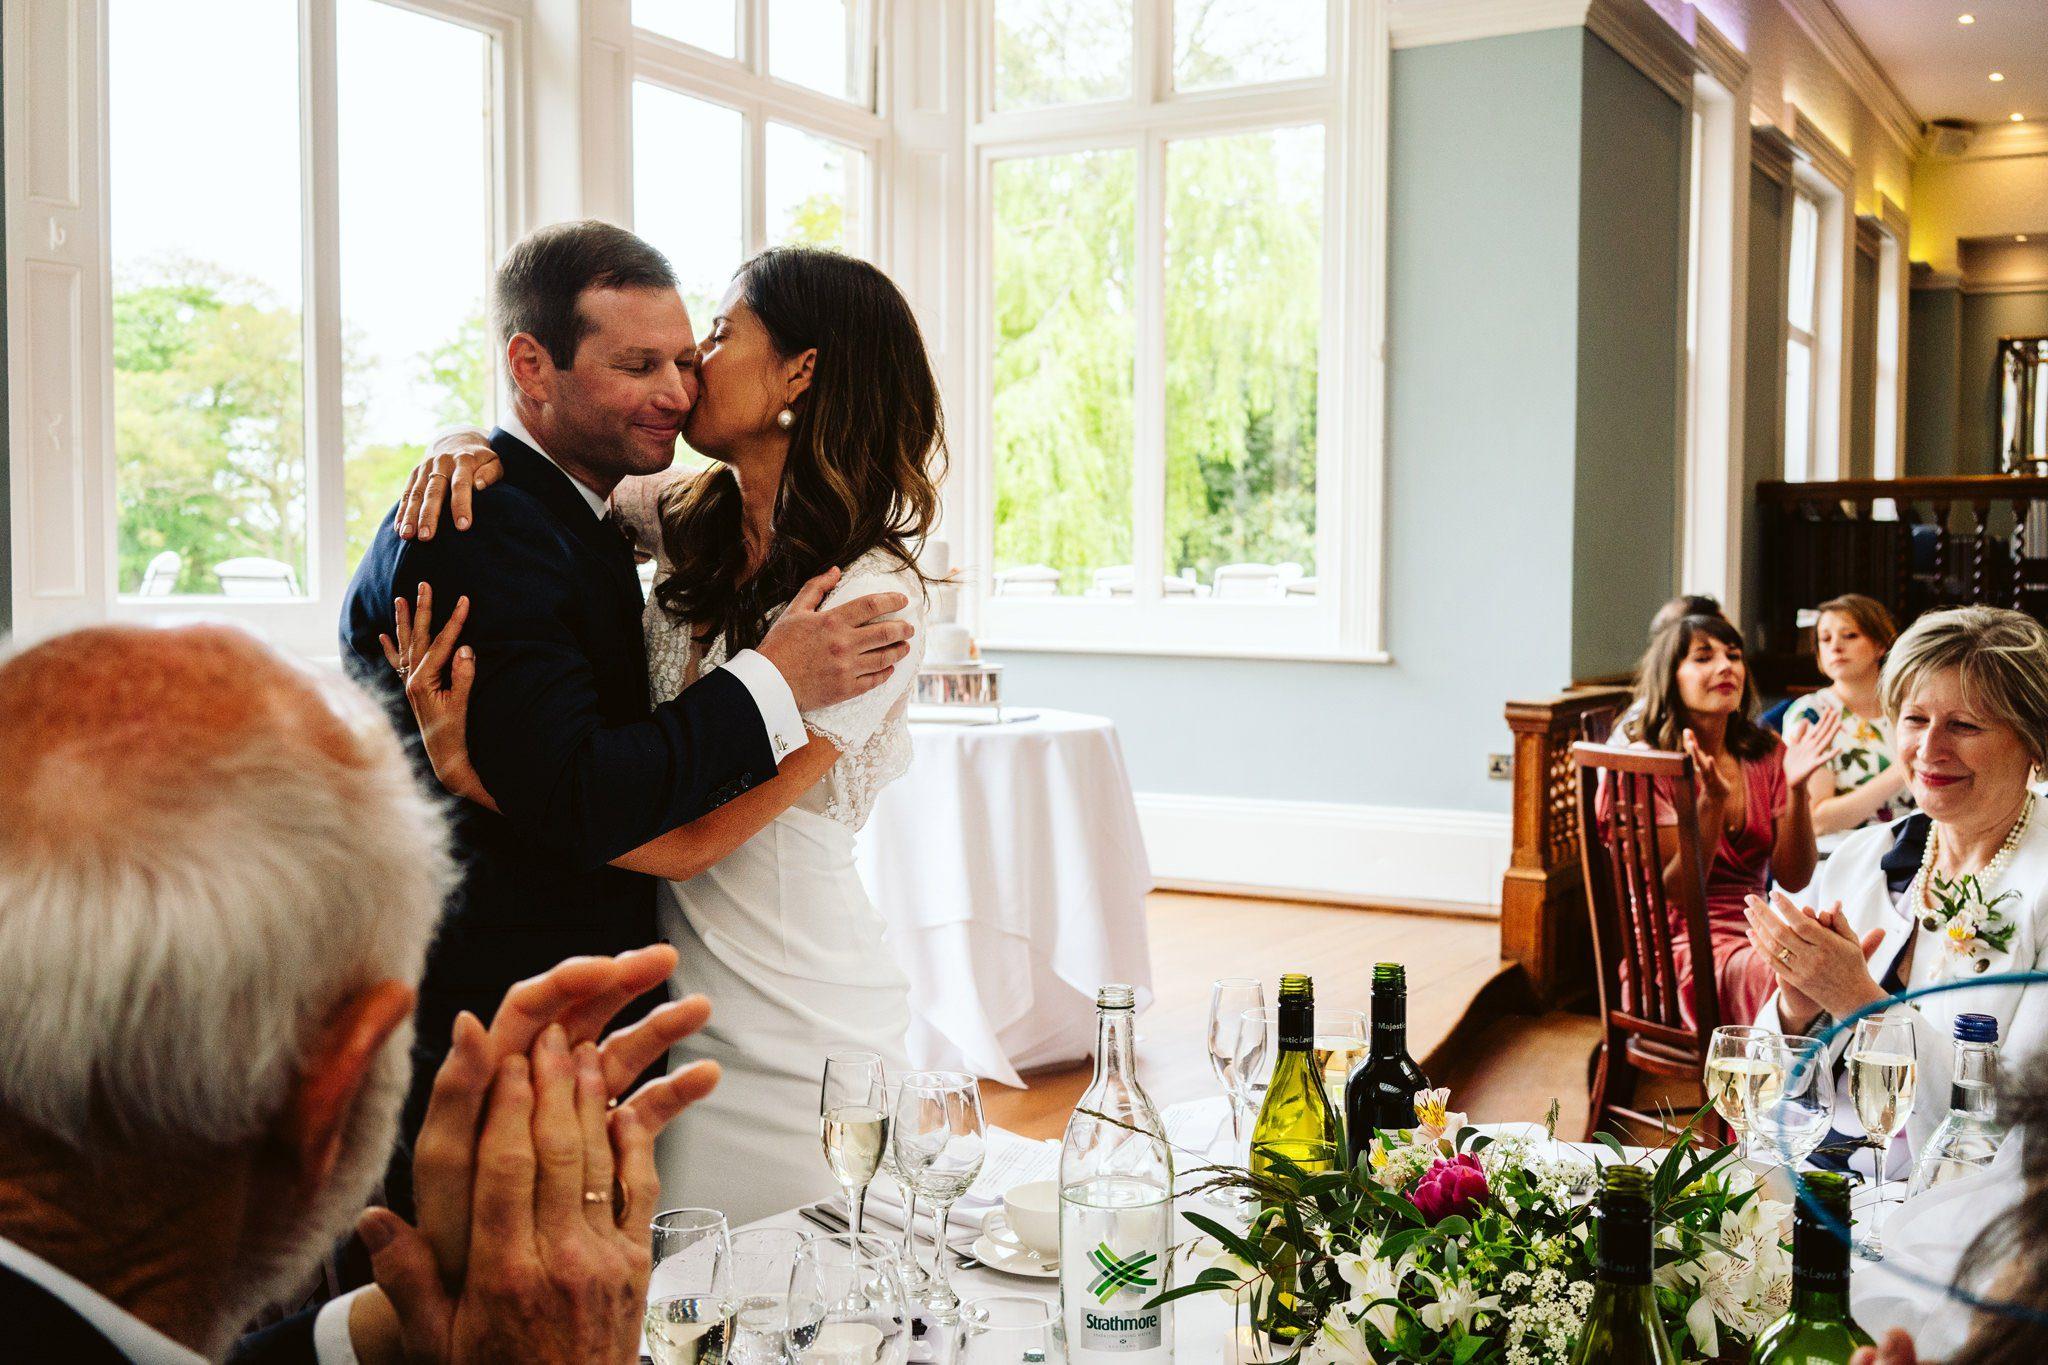 pendrall hall wedding photography